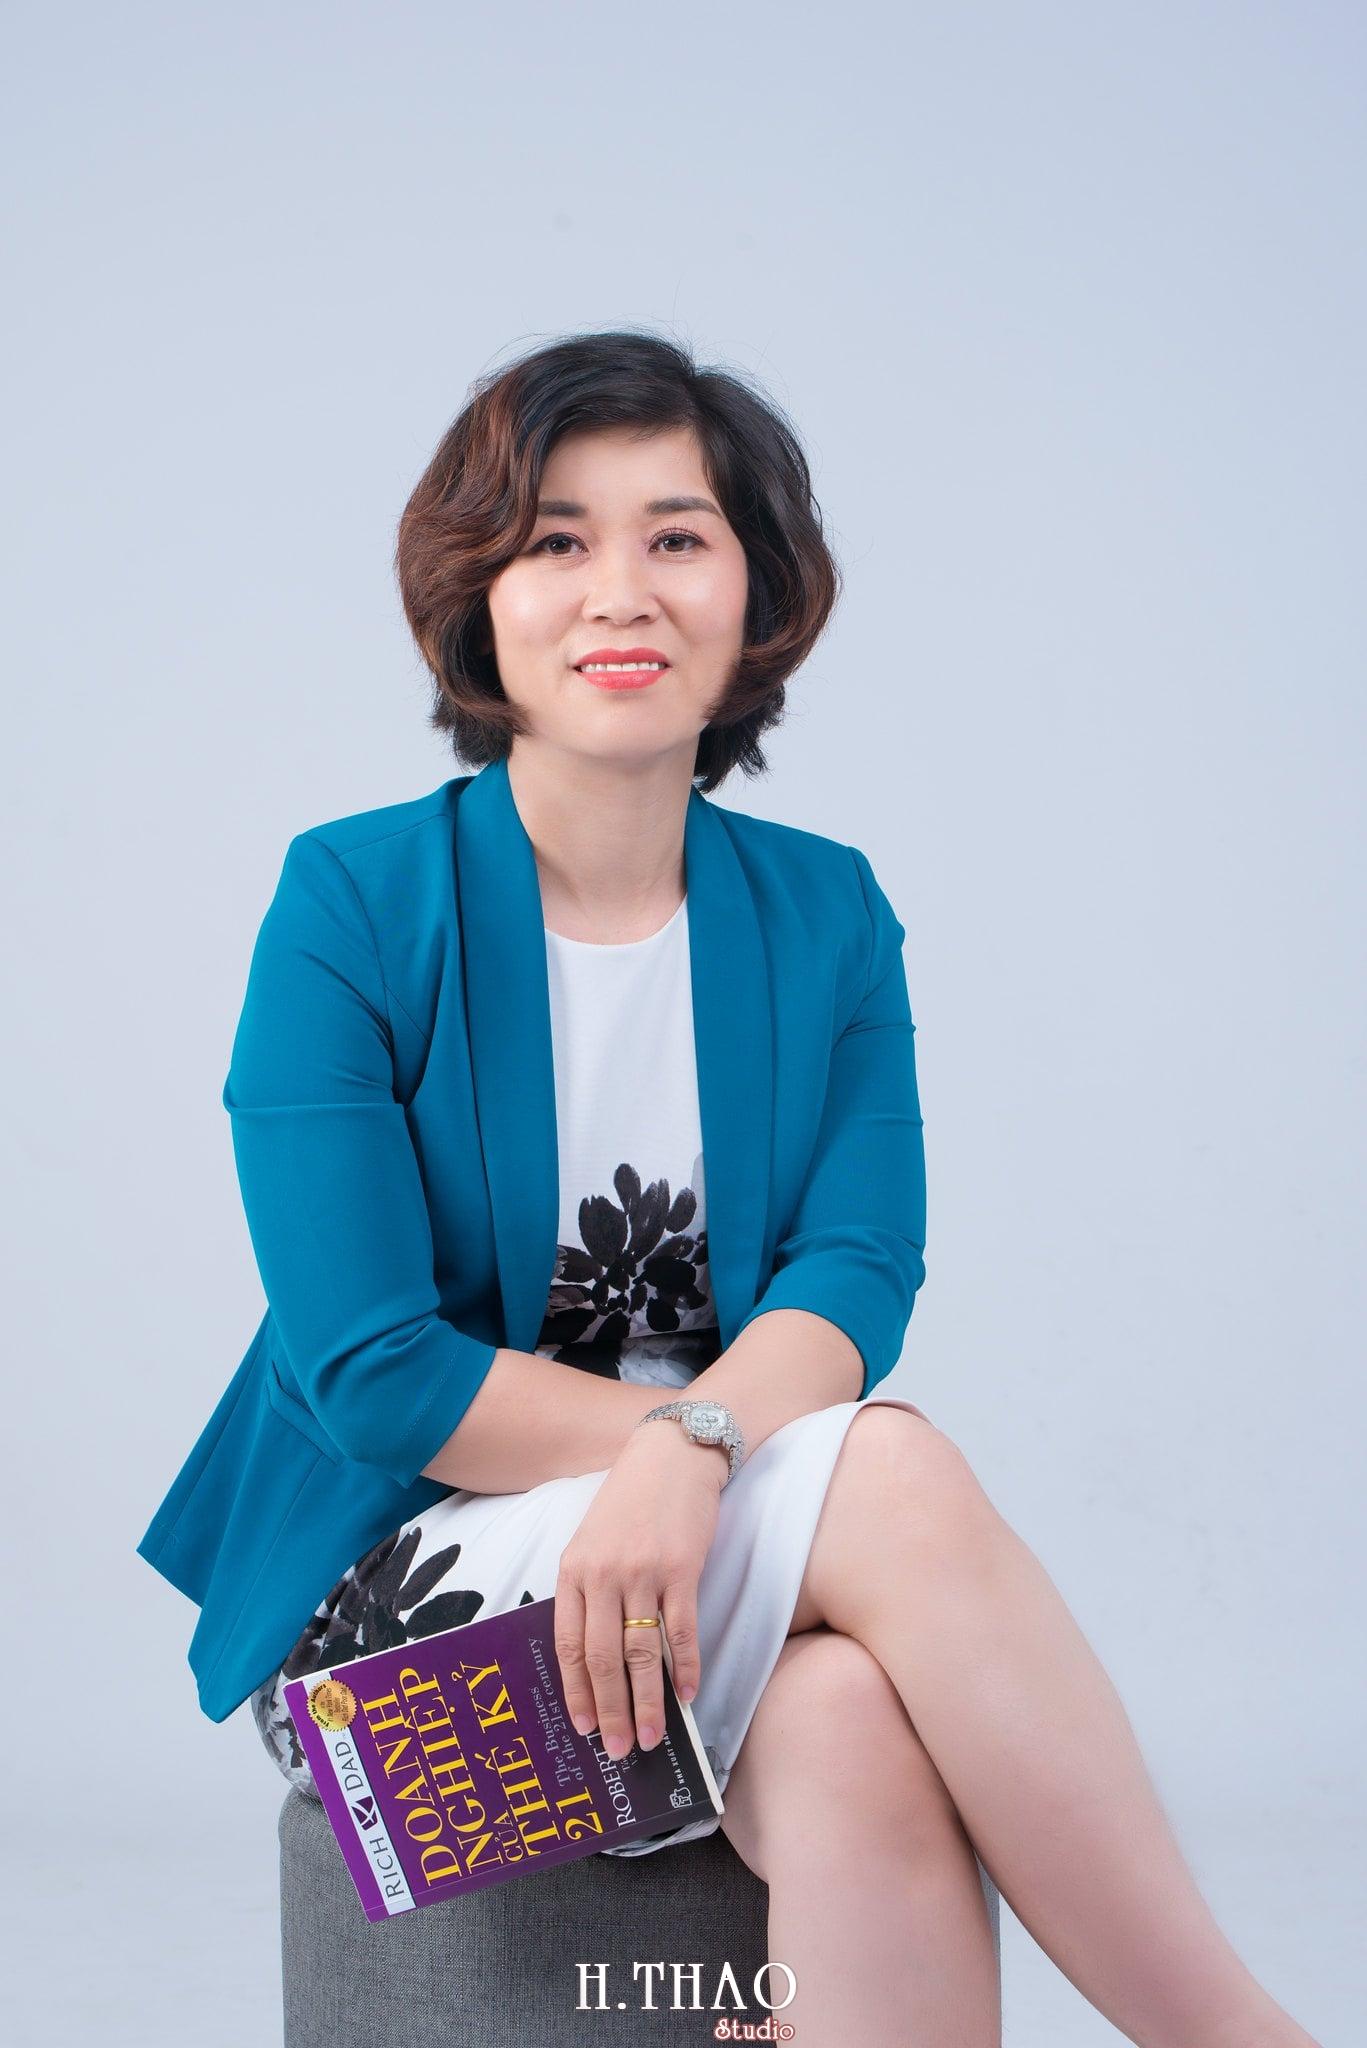 chan dung nu 12 - Album ảnh doanh nhân chị Quỳnh sang trọng, quý phái - HThao Studio